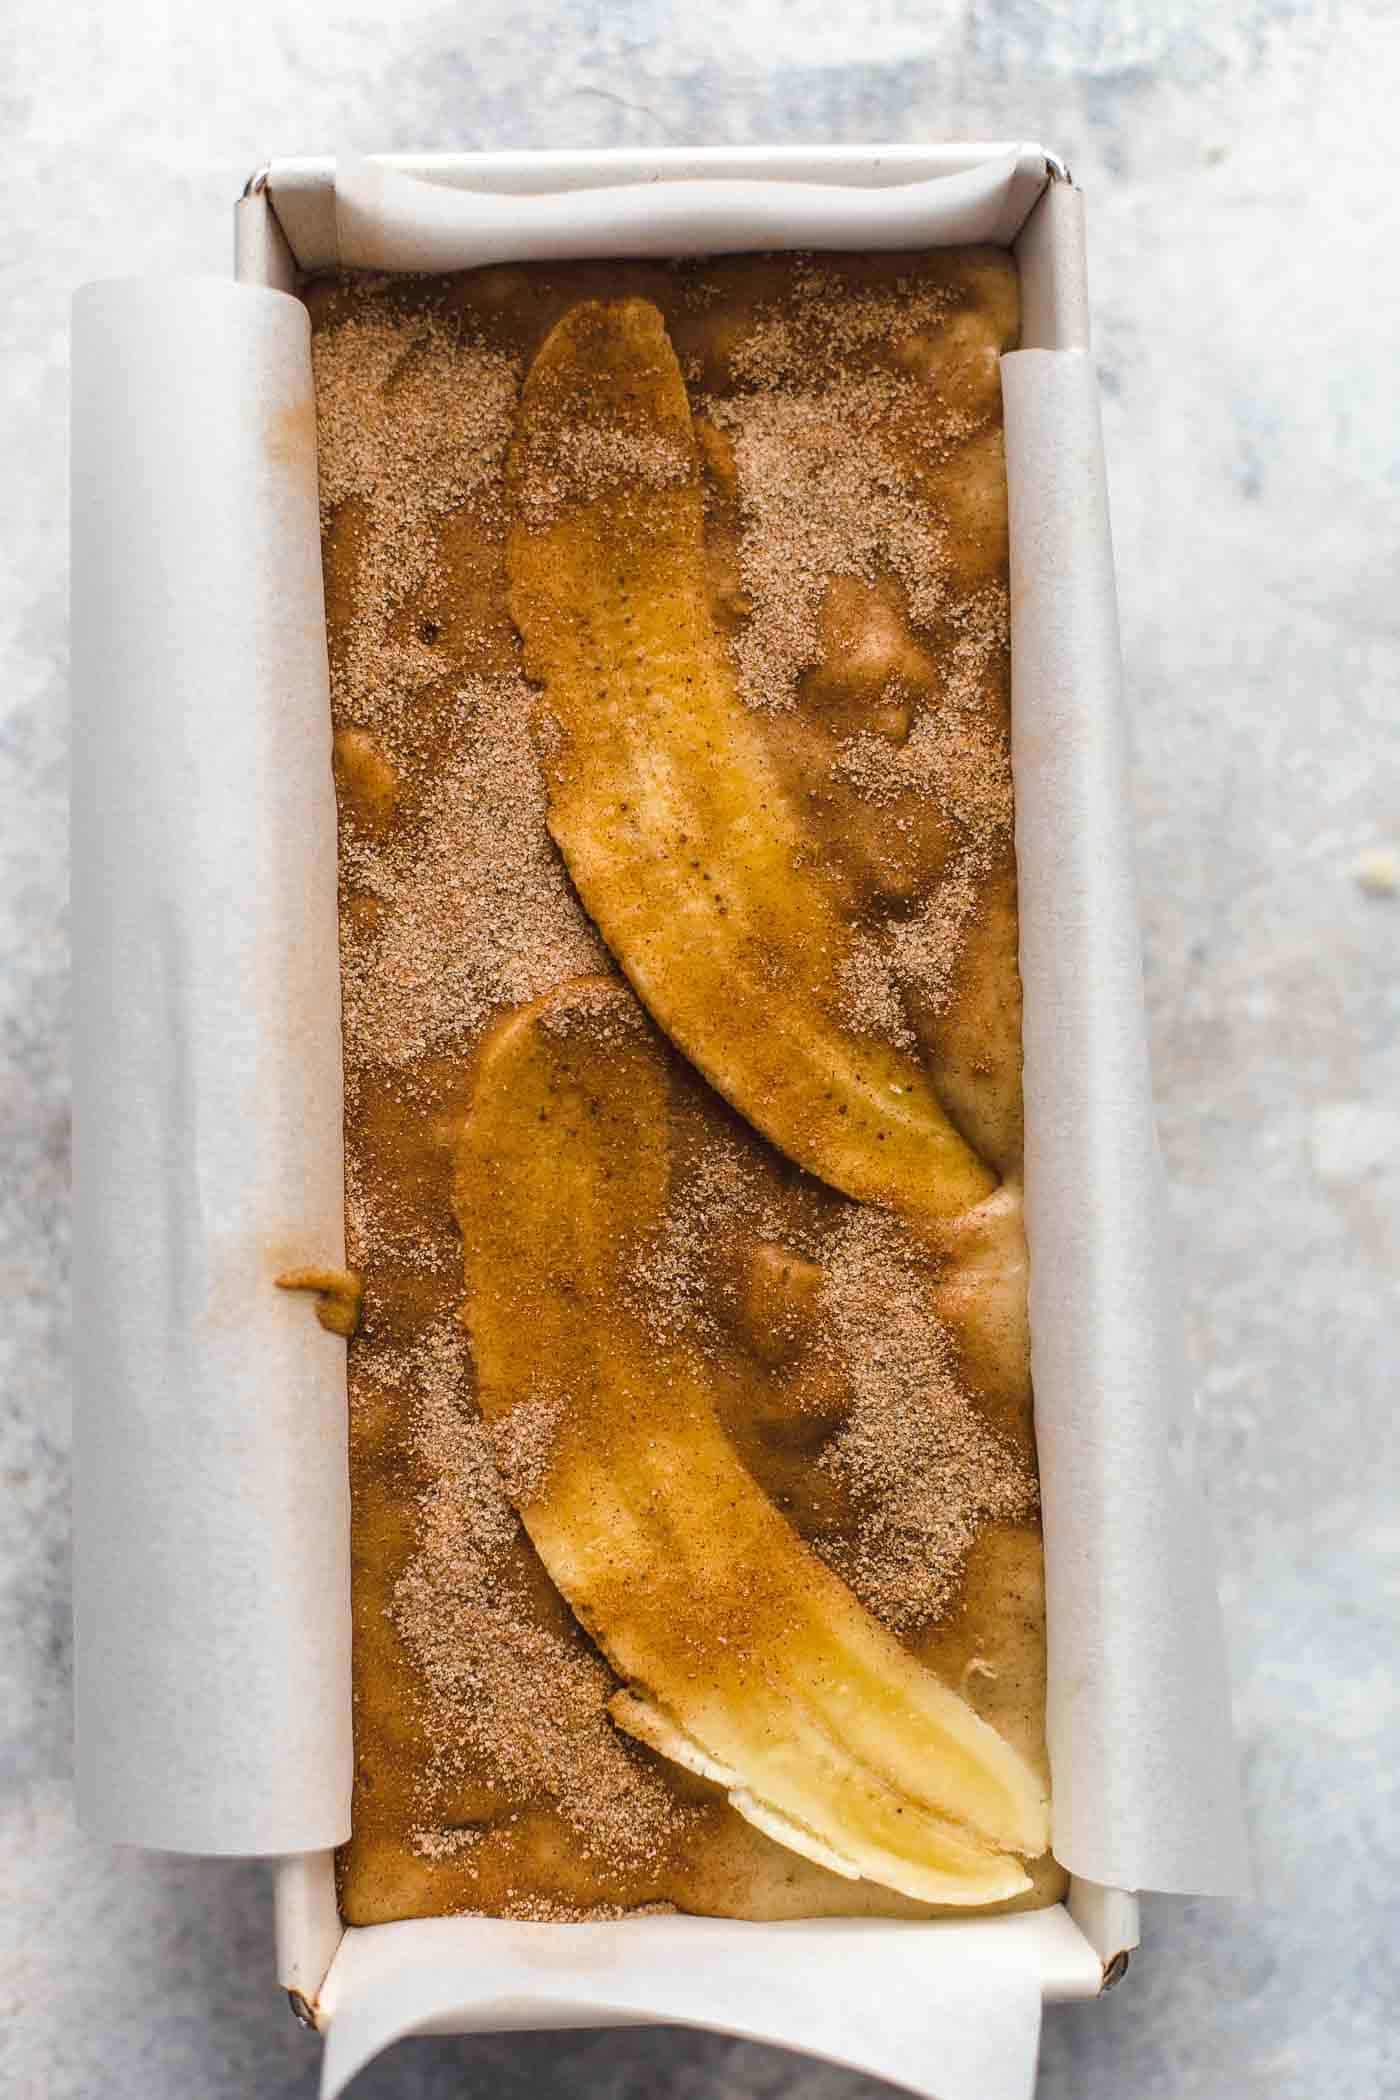 banana bread batter with bananas and sugar on top